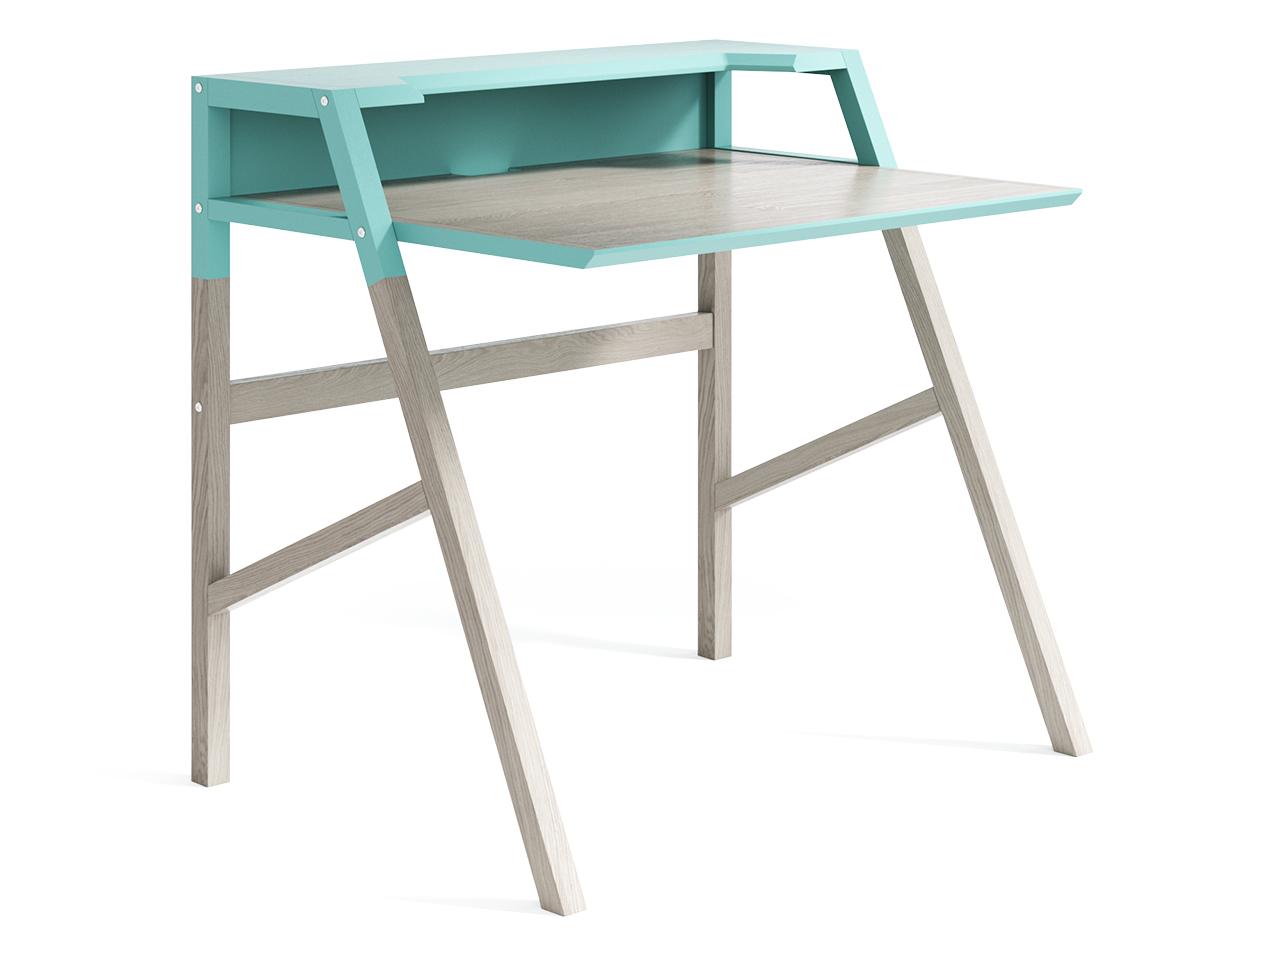 Рабочий стол Youk (мятный)Письменные столы<br>Компьютерный стол YOUK является воплощением идеи функциональности. Удобная рабочая поверхность, полка для канцелярии, углубление для монитора, отверстие для проводов – эти детали создают действительно комфортное рабочее место.&amp;lt;div&amp;gt;&amp;lt;br&amp;gt;&amp;lt;/div&amp;gt;&amp;lt;div&amp;gt;Материал: массив дуба, МДФ, натуральный шпон дуба, лак&amp;lt;/div&amp;gt;<br><br>Material: Дуб<br>Ширина см: 92<br>Высота см: 88<br>Глубина см: 70